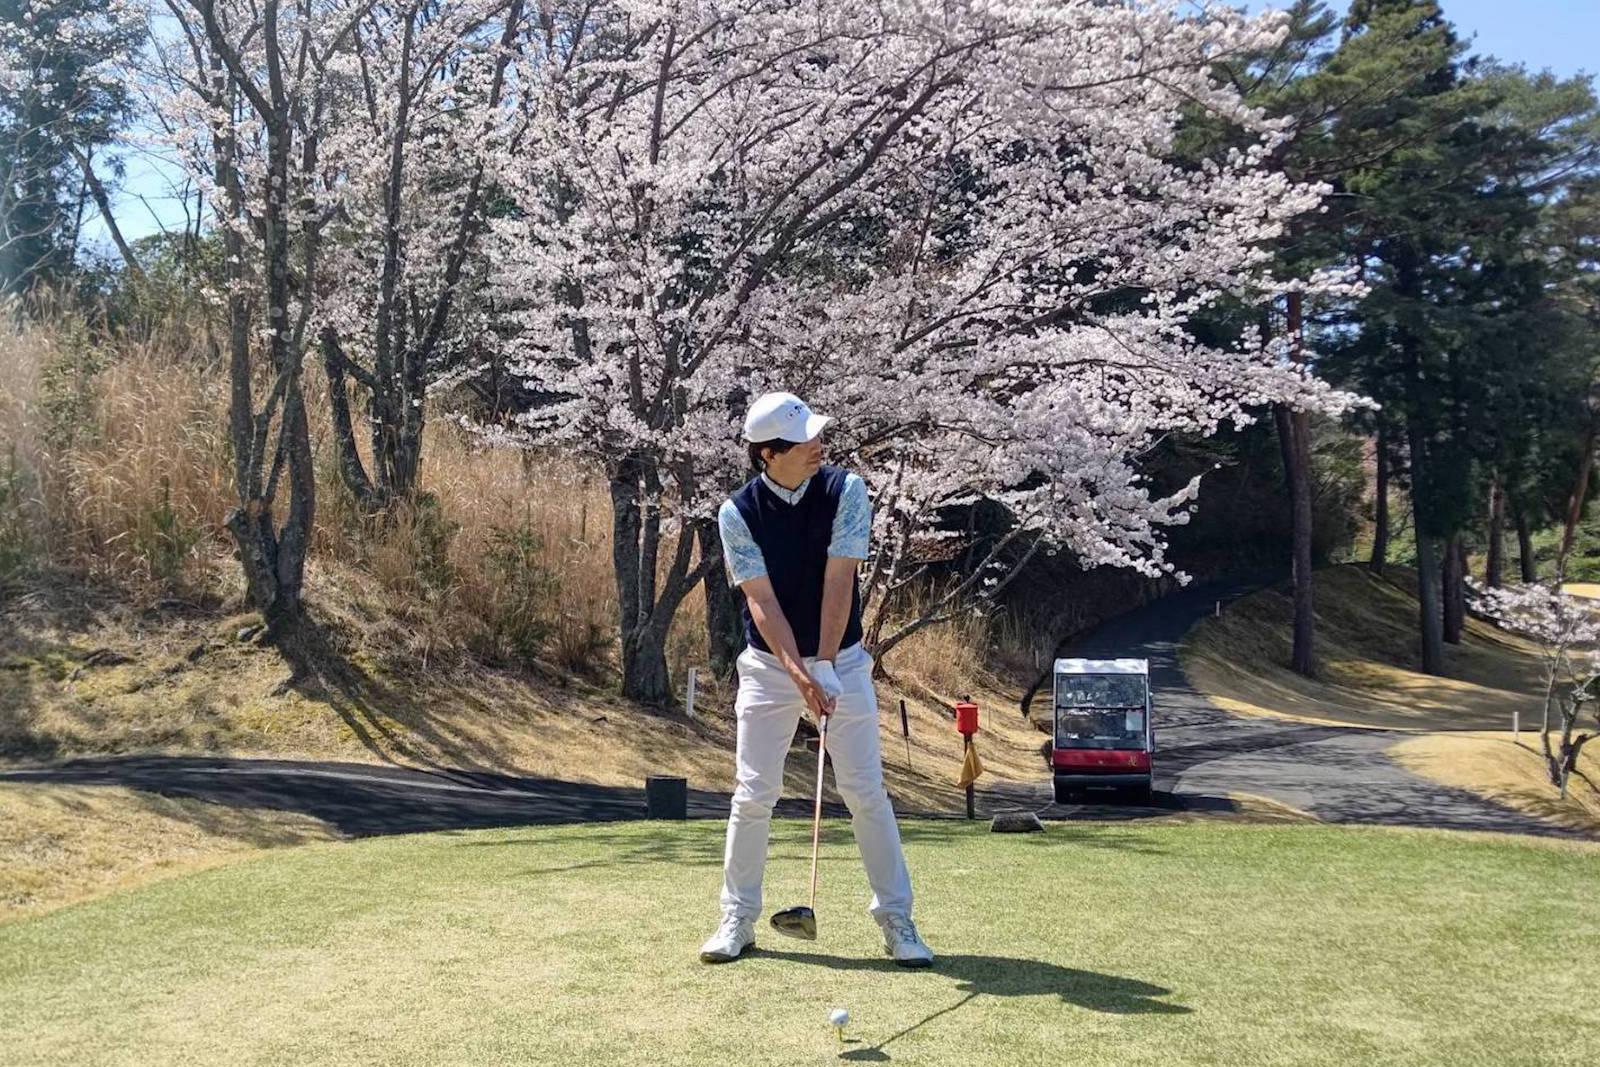 EY Japan パラ・デフアスリート 岩崎 善徳 / Yoshinori Iwasaki (競技:デフゴルフ)